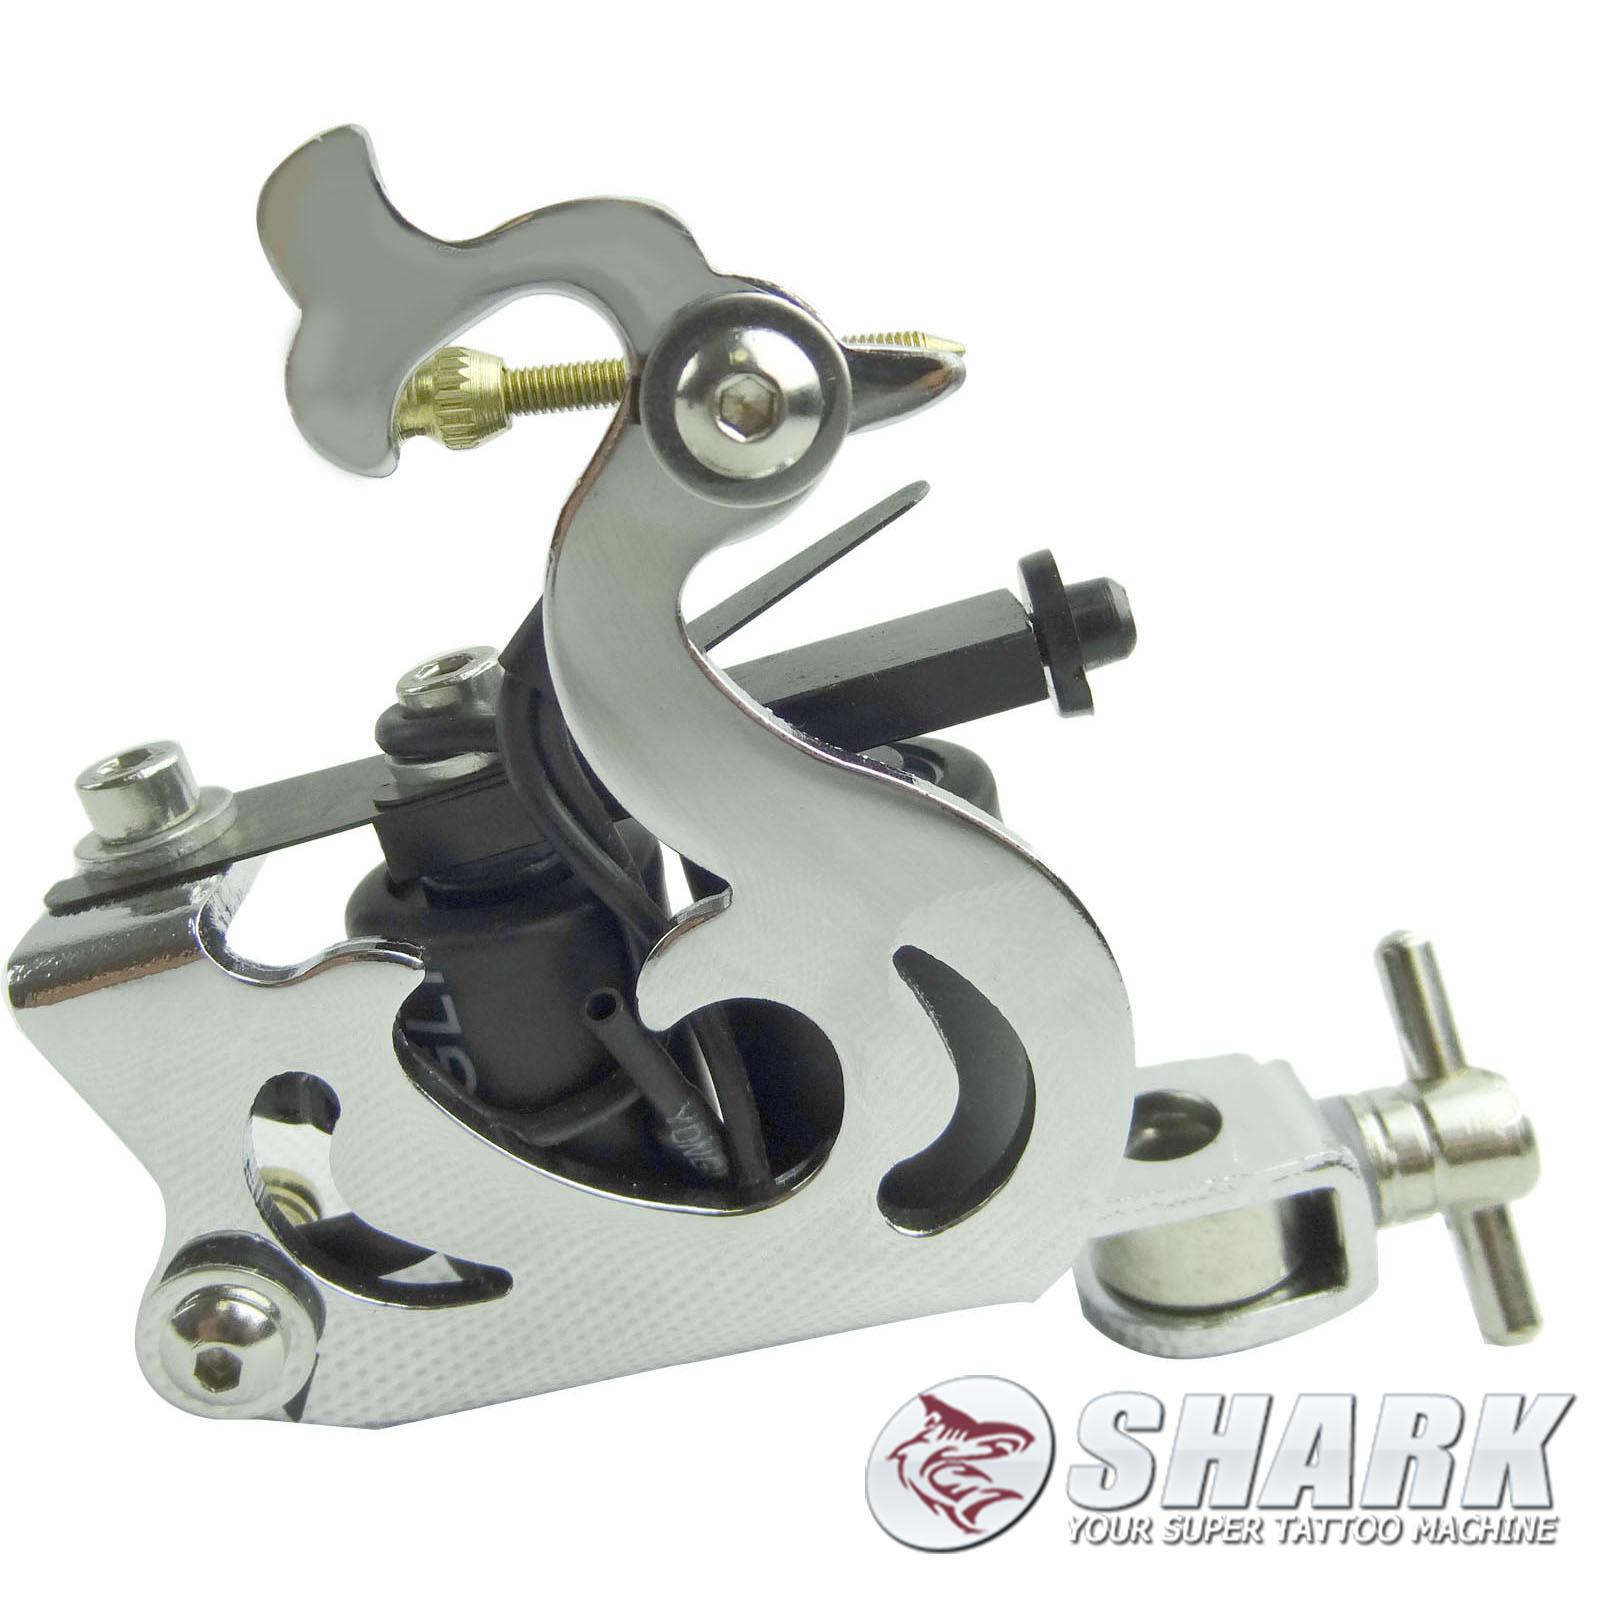 Professional tattoo kit phoenix machine guns usa inks lcd for Professional tattoo guns